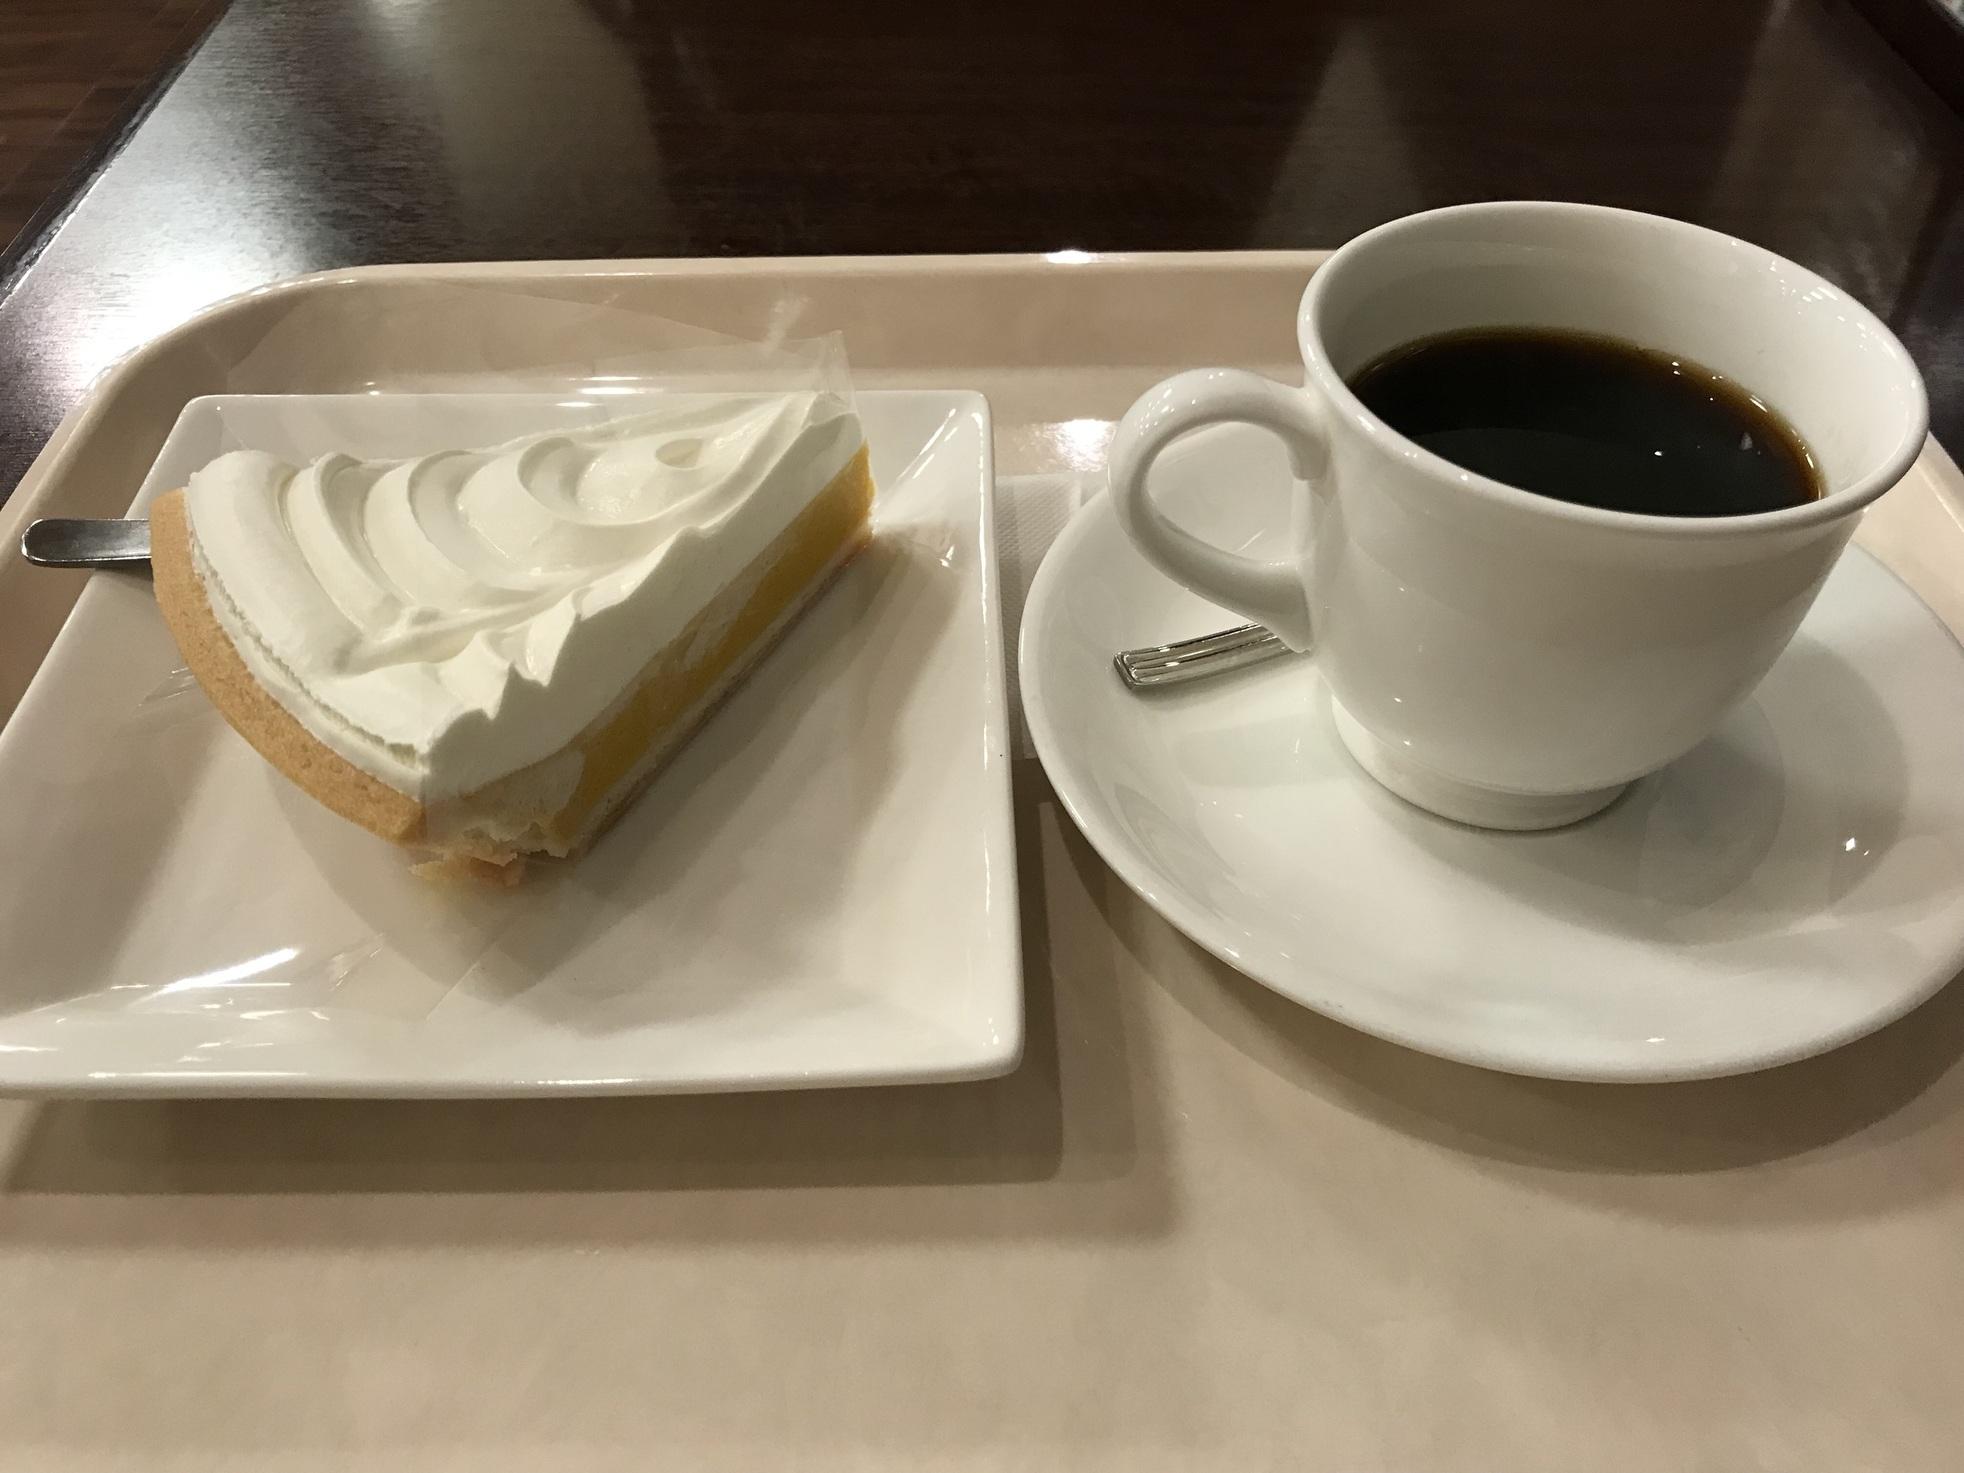 イタリアントマトカフェ 宇都宮オリオン通り店 name=